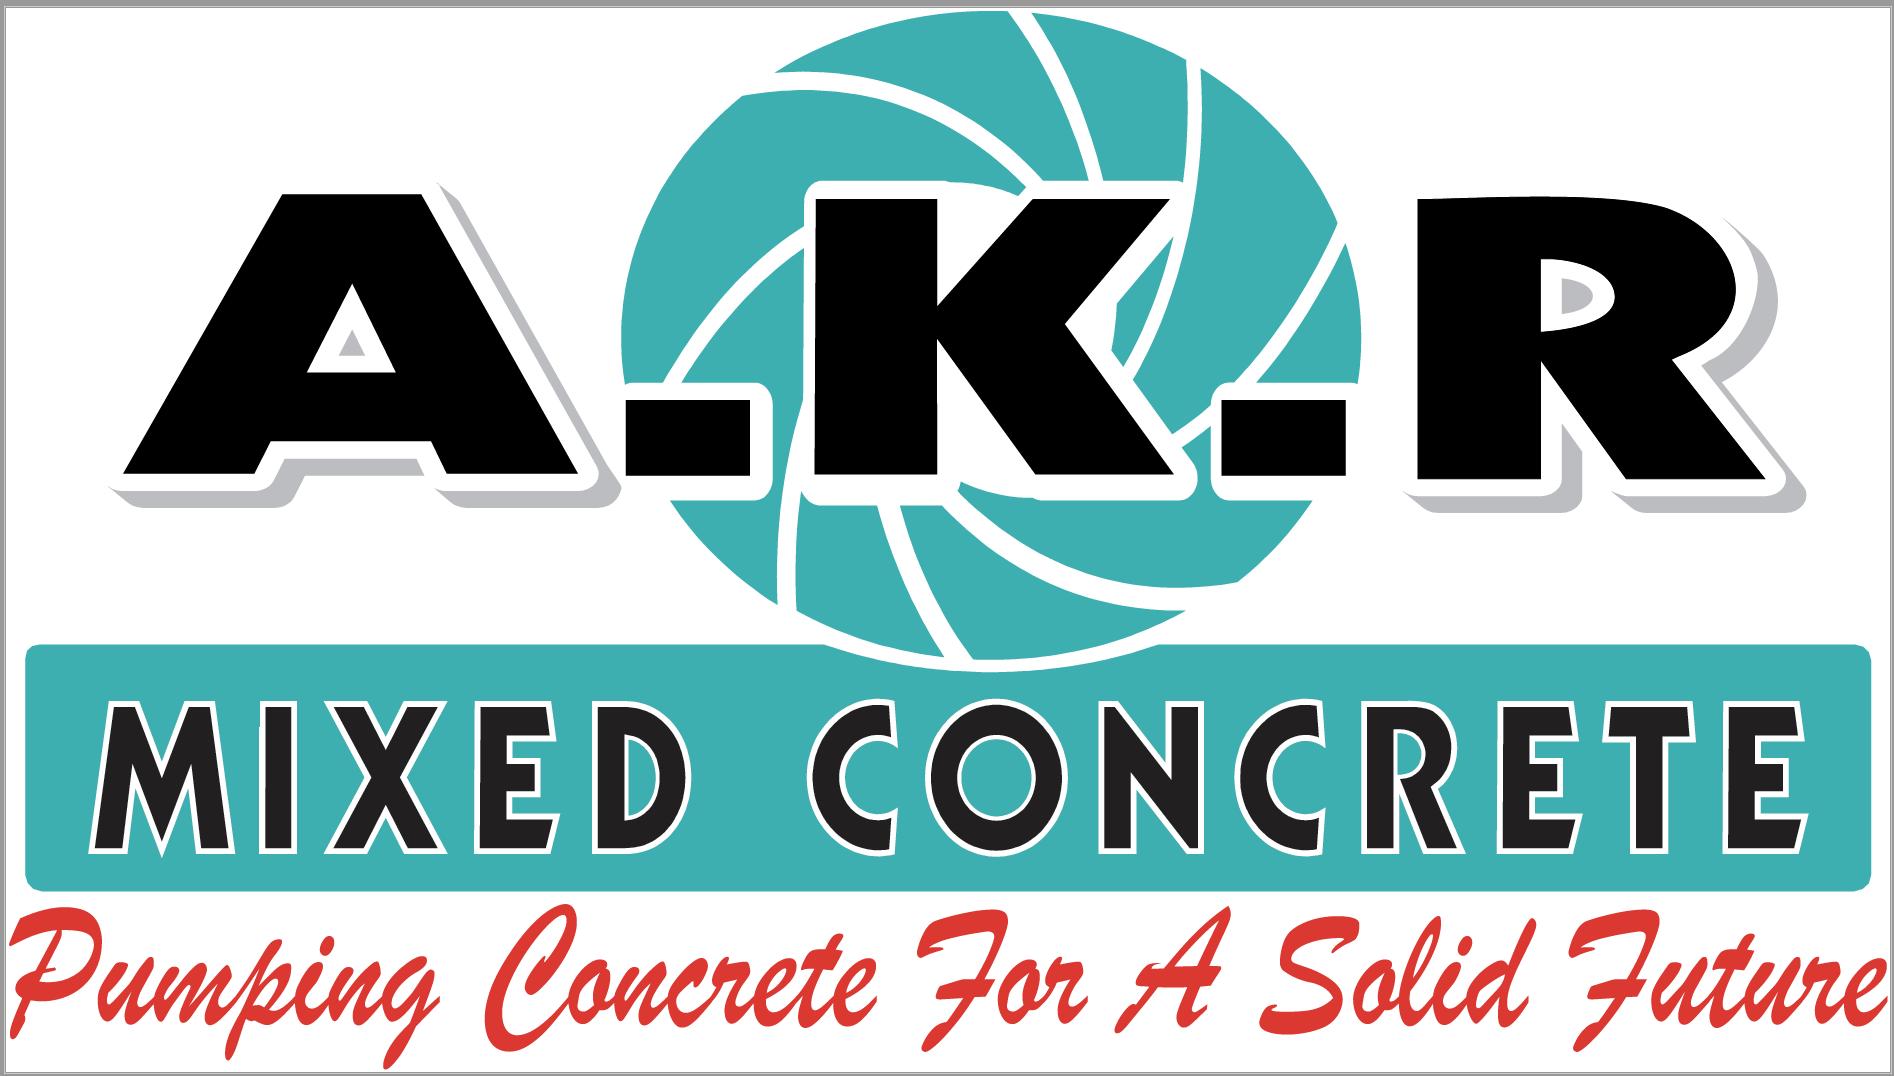 AKR Concrete